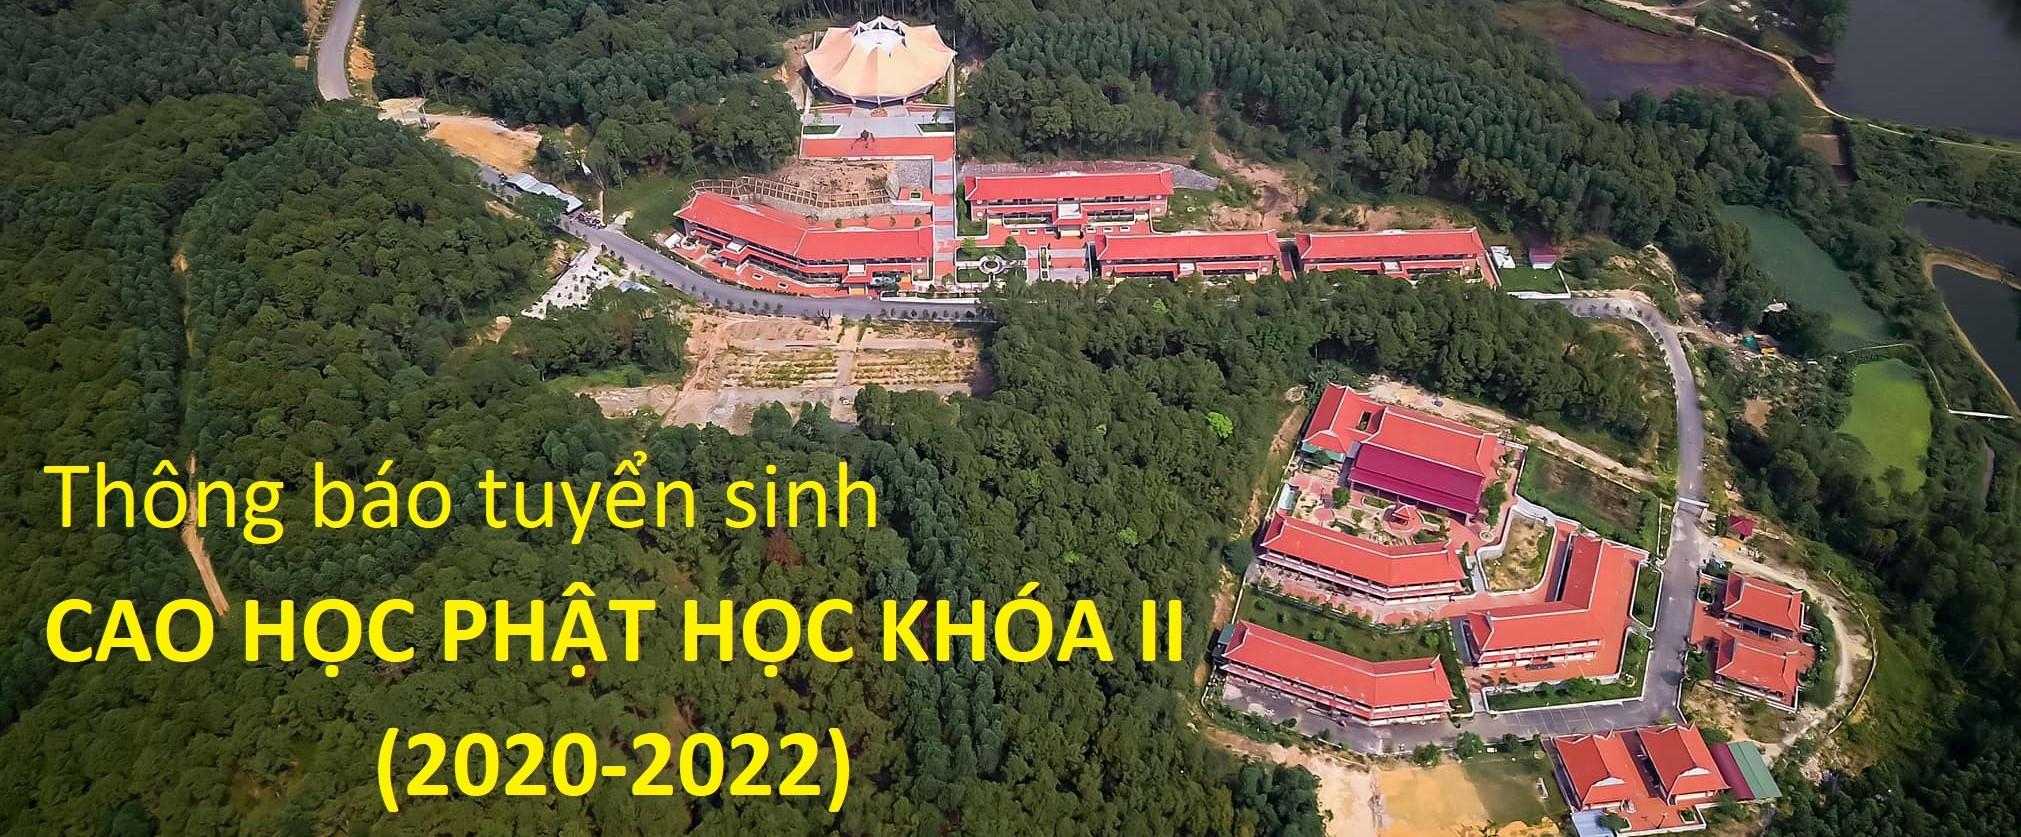 Thông báo tuyển sinh Cao học Phật học khóa II (2020-2022)